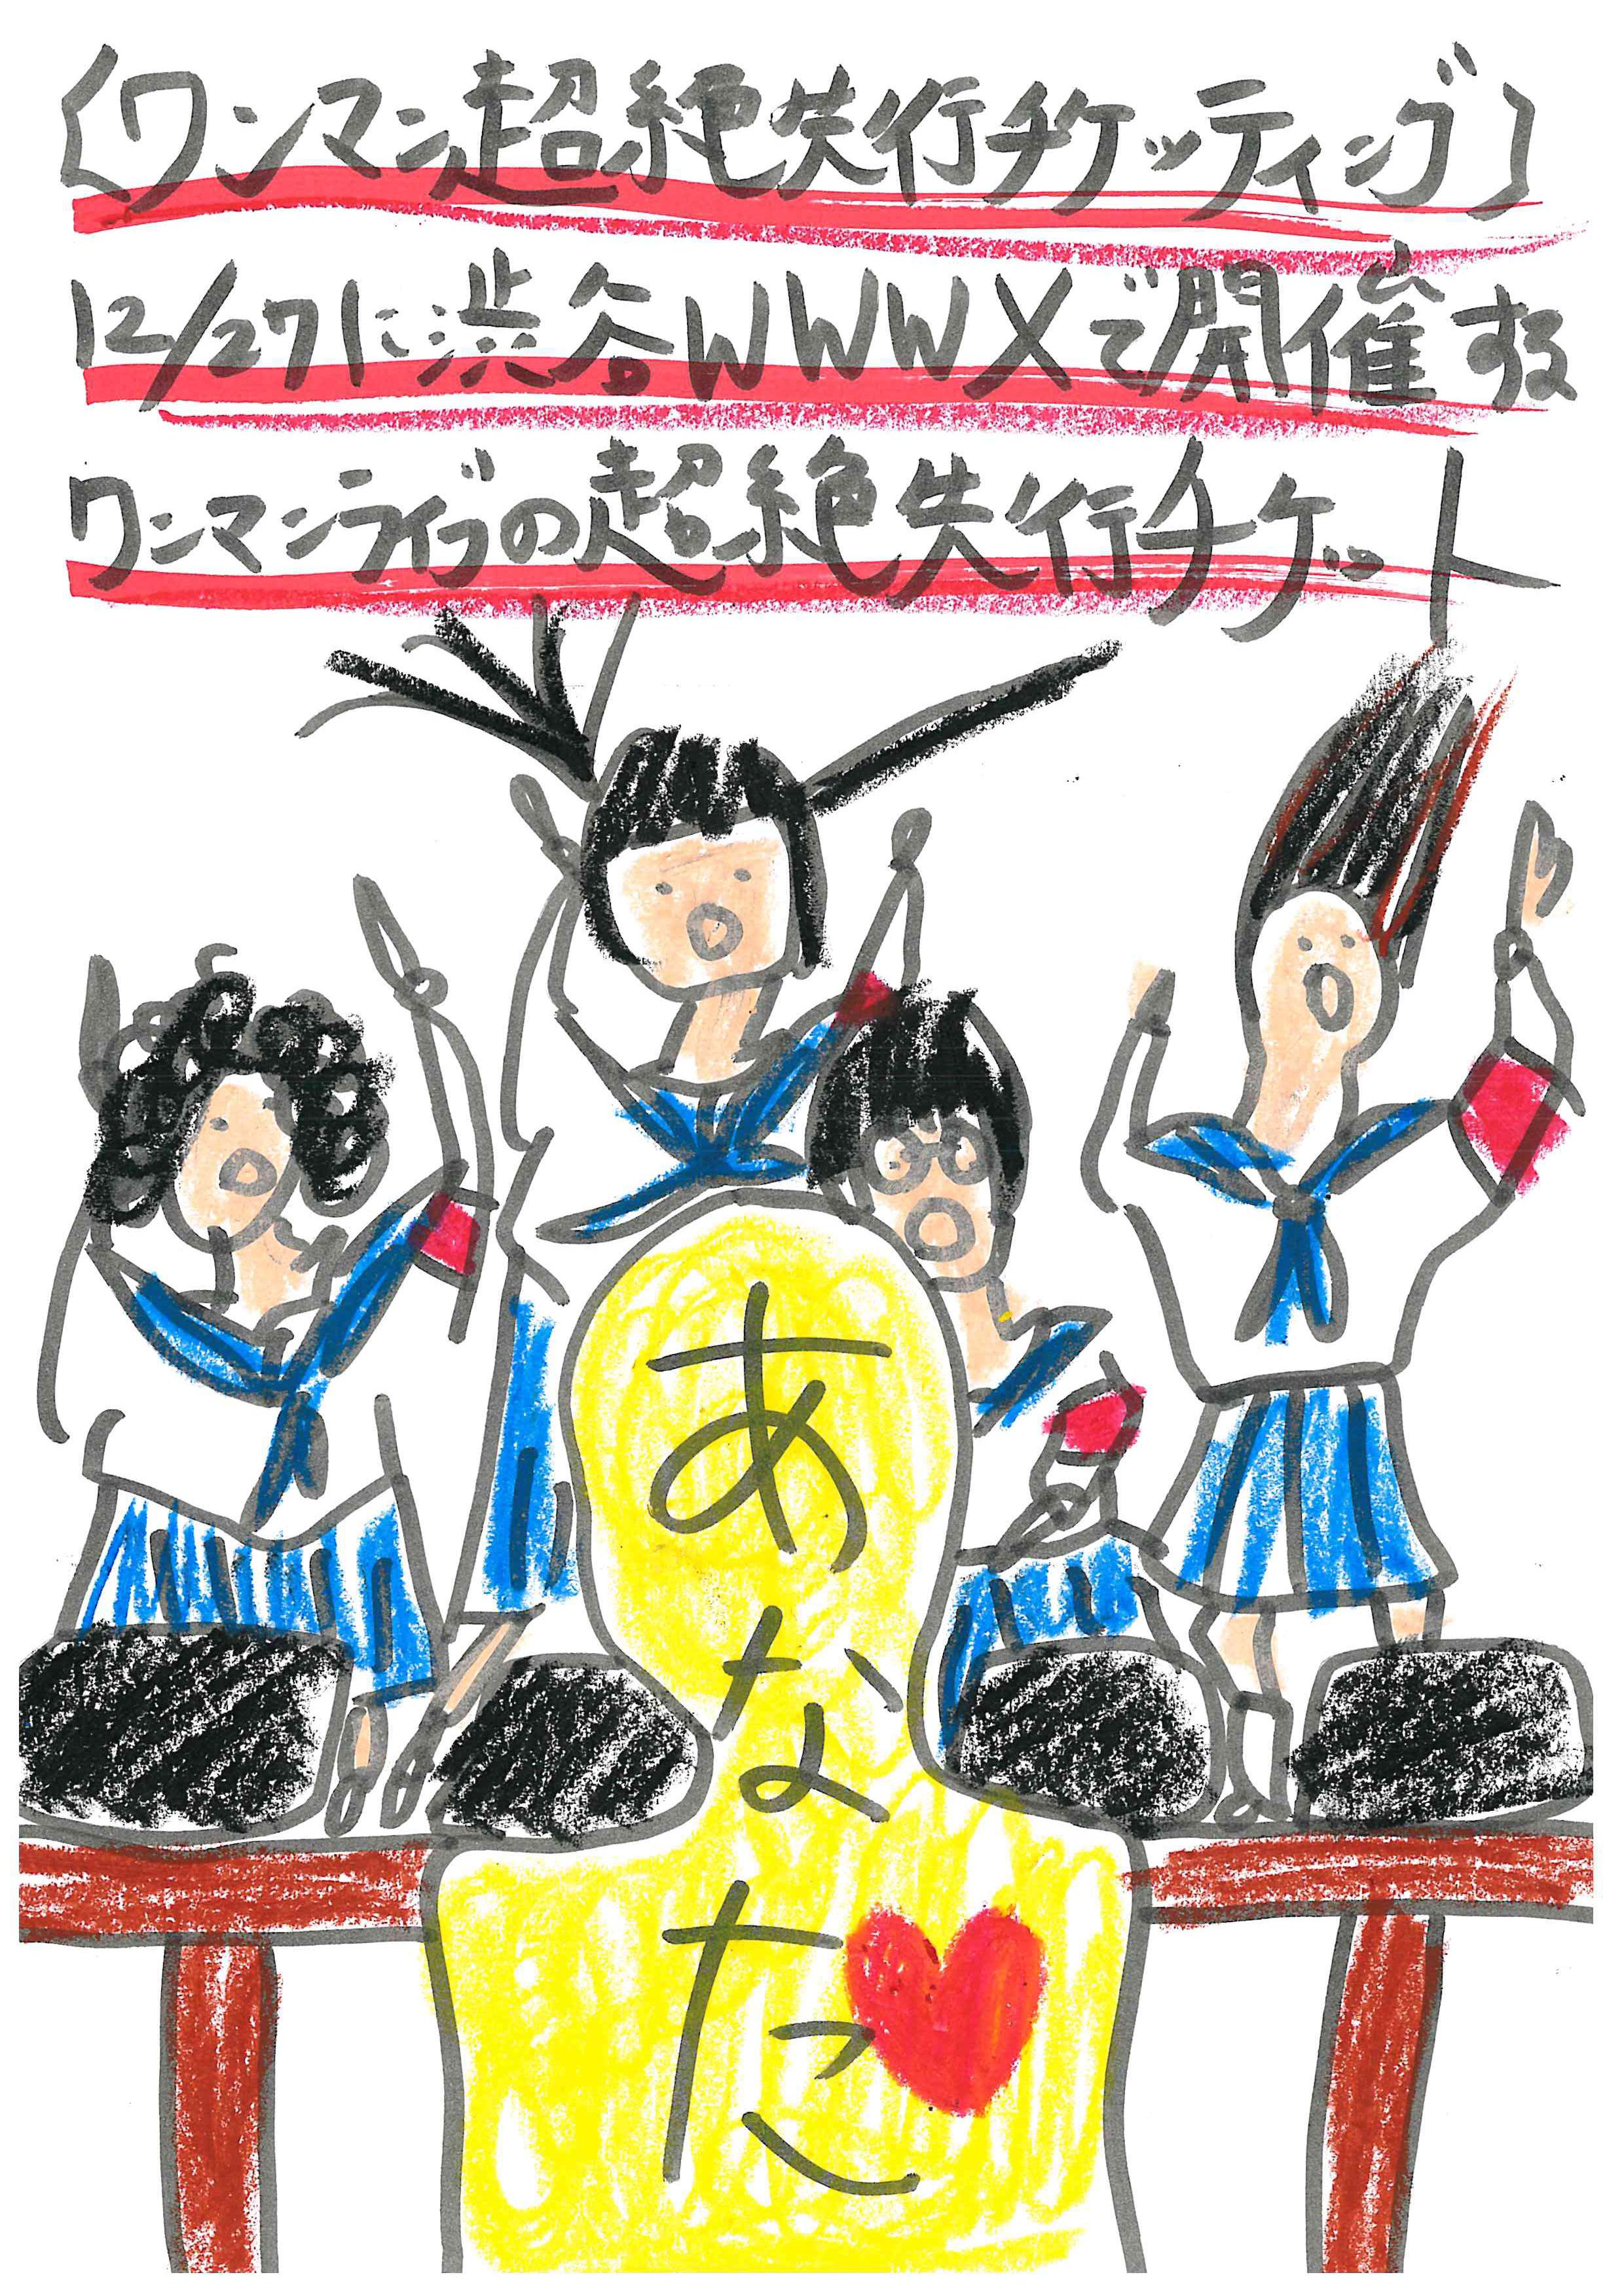 【先着】ワンマン超絶先行チケッティング(東京、一般)の画像